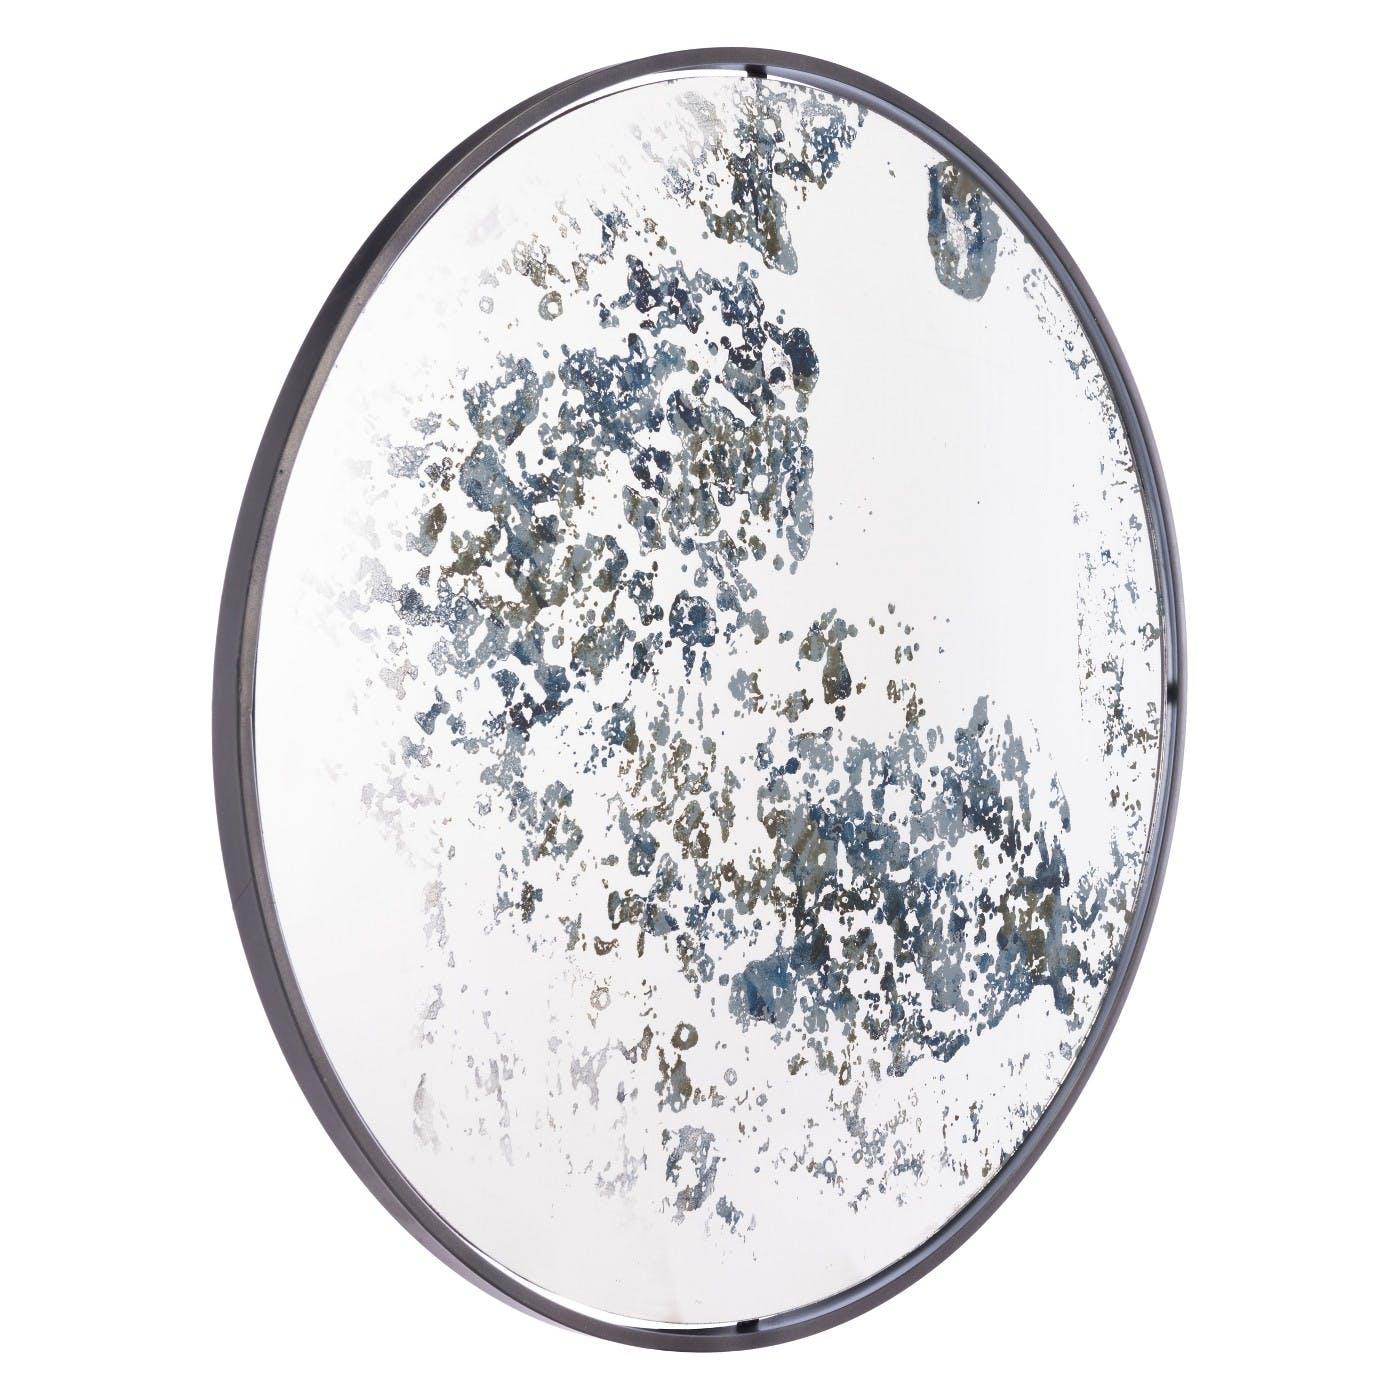 Antique Finish Round Mirror